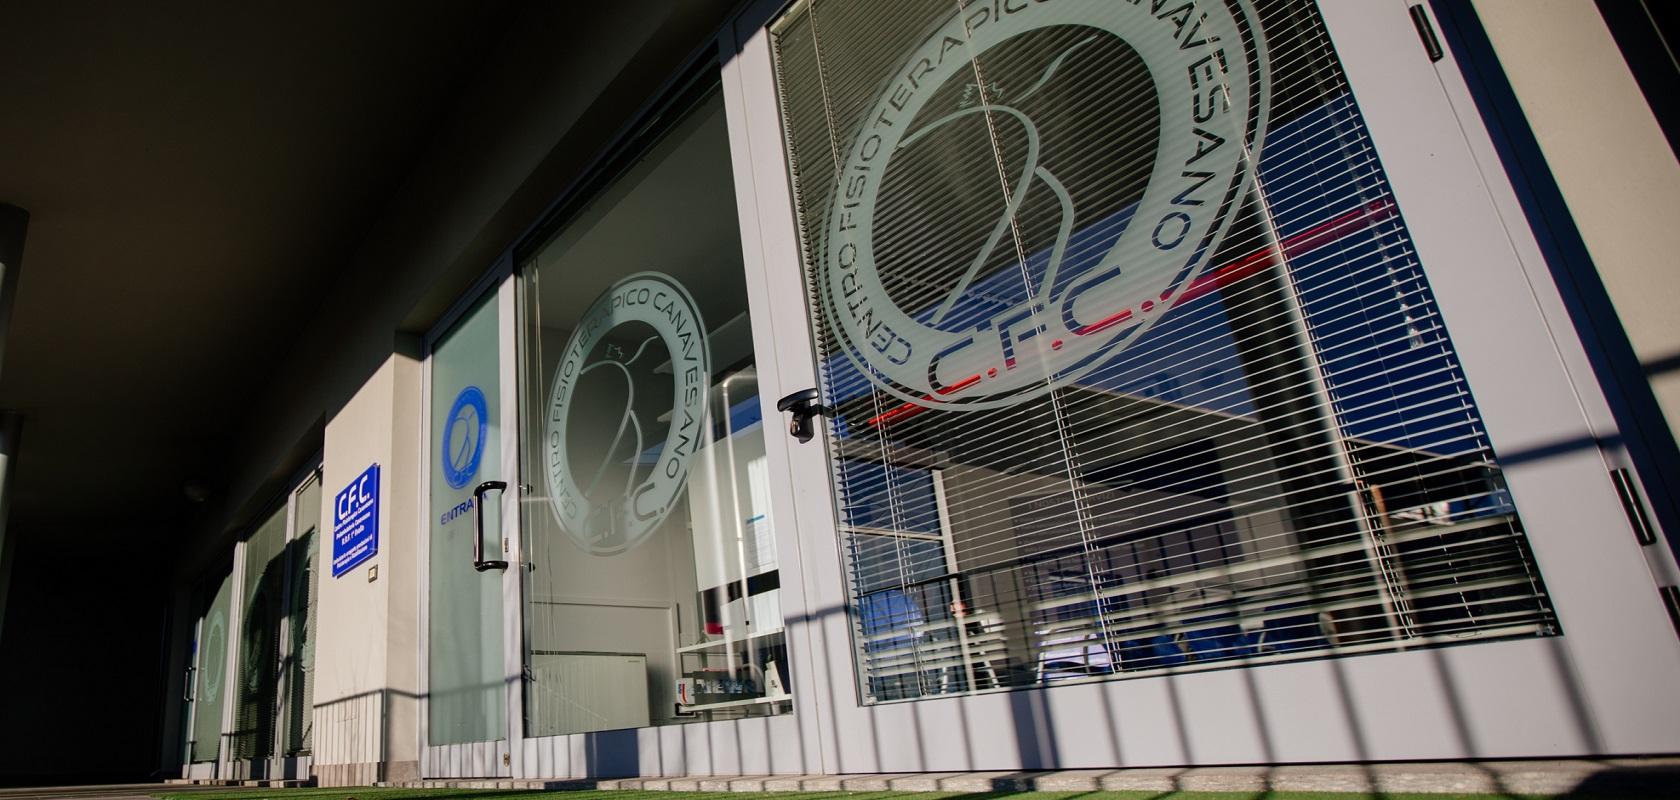 CFC Centro Fisioterapico Canavesano